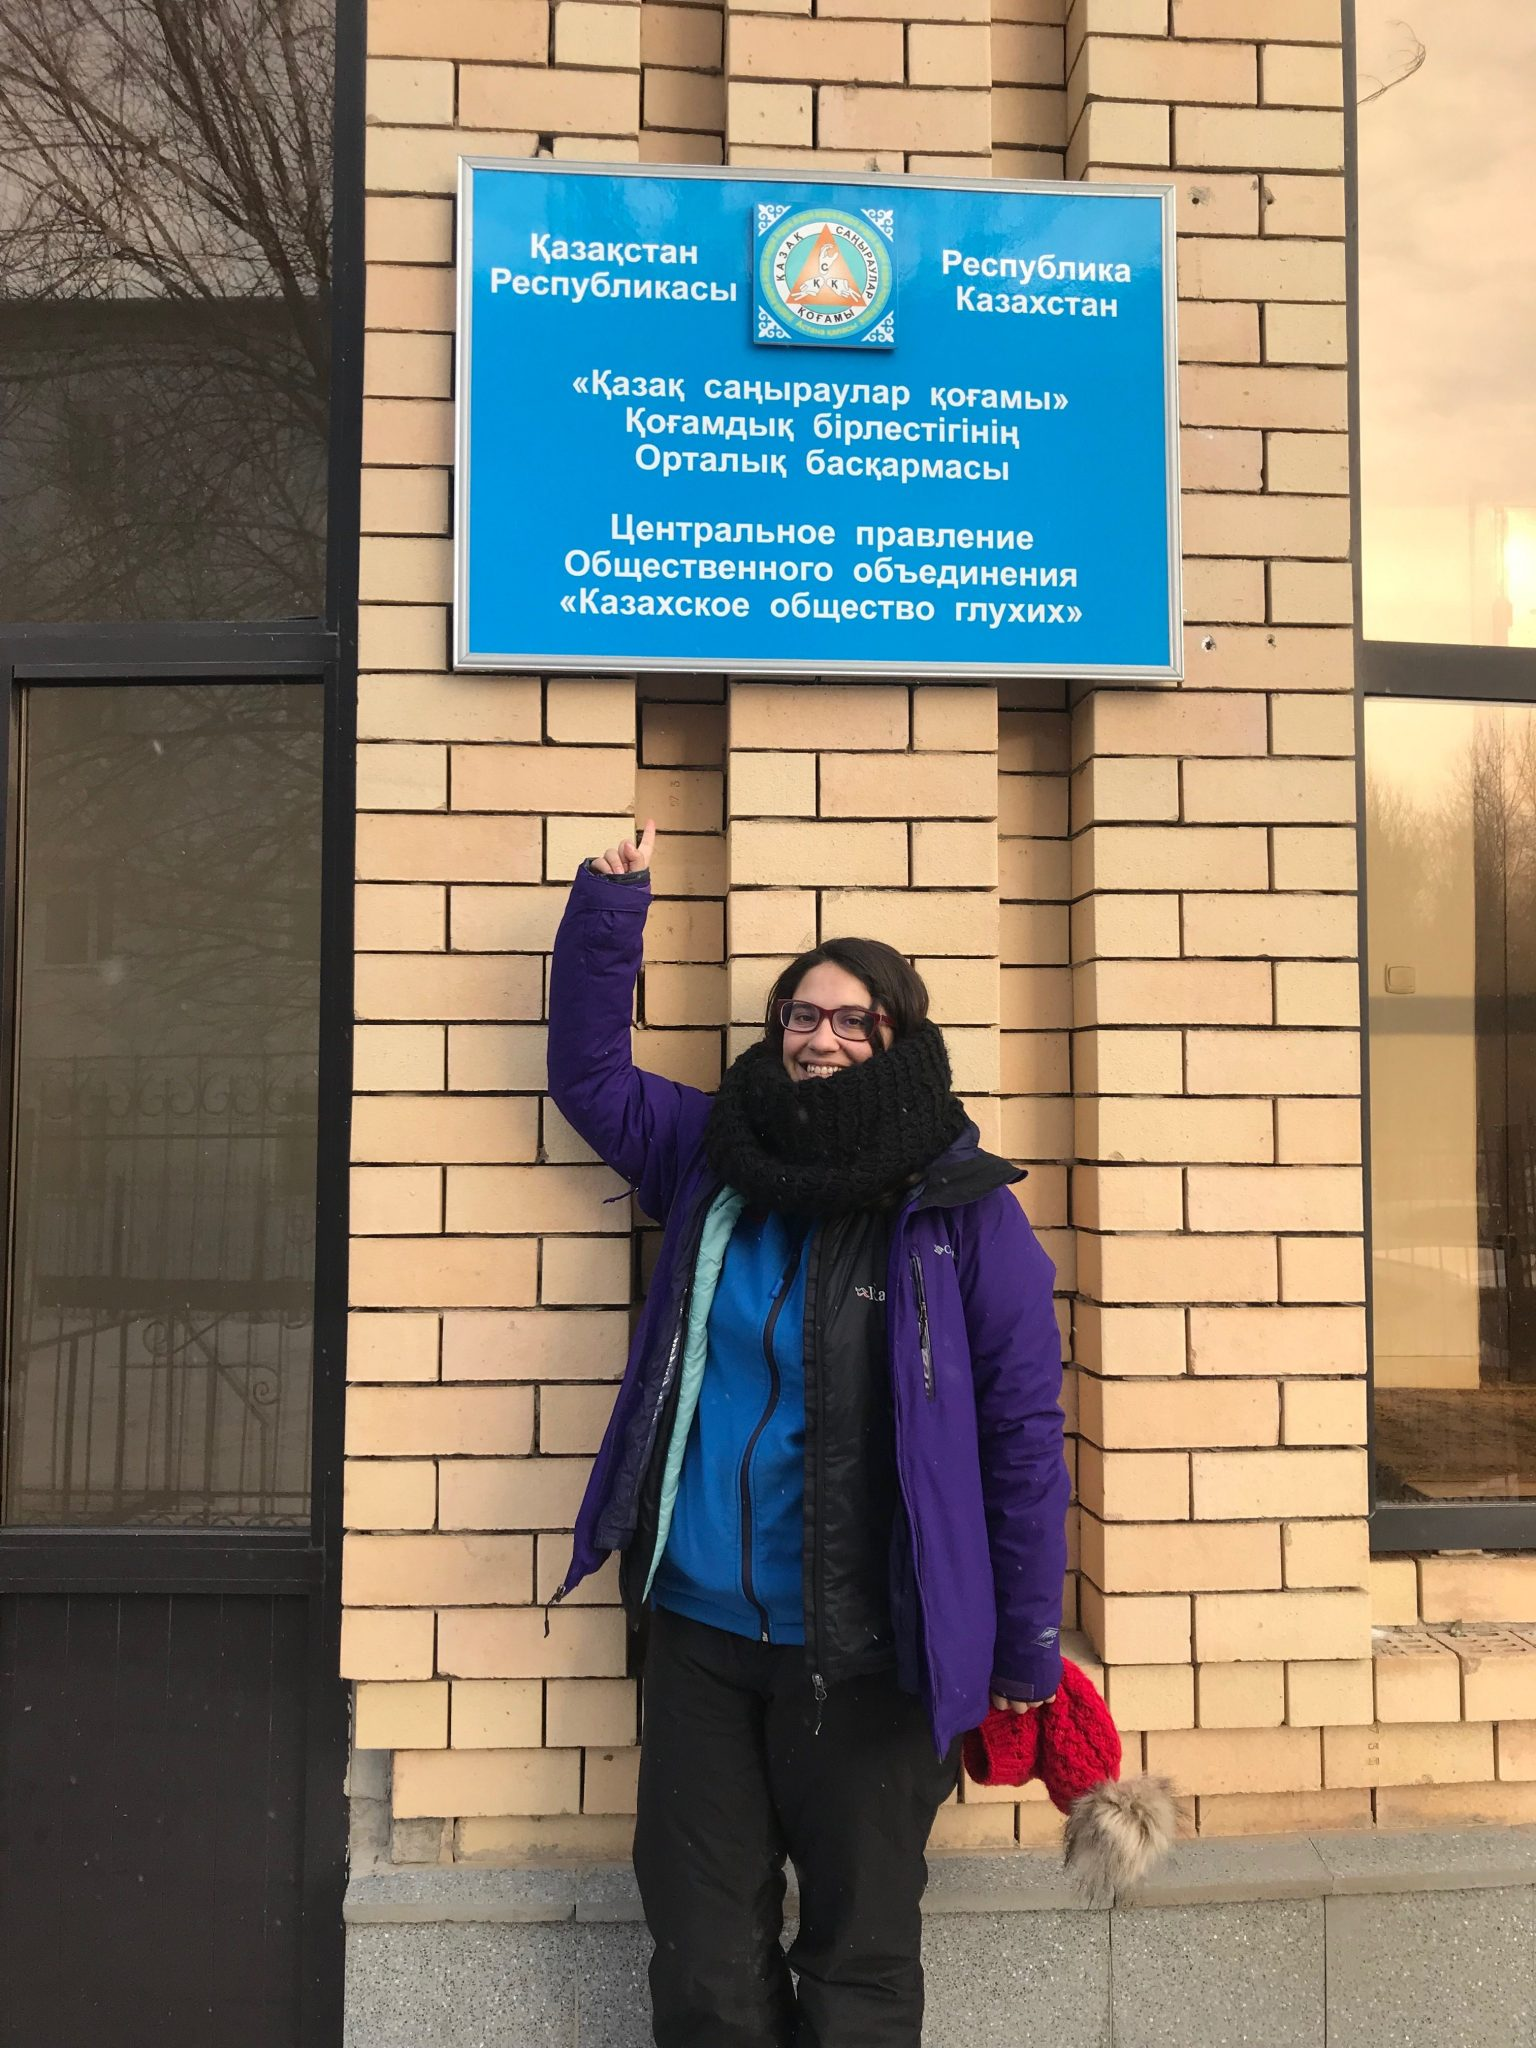 Entrada Asociación de personas sordas de Astana